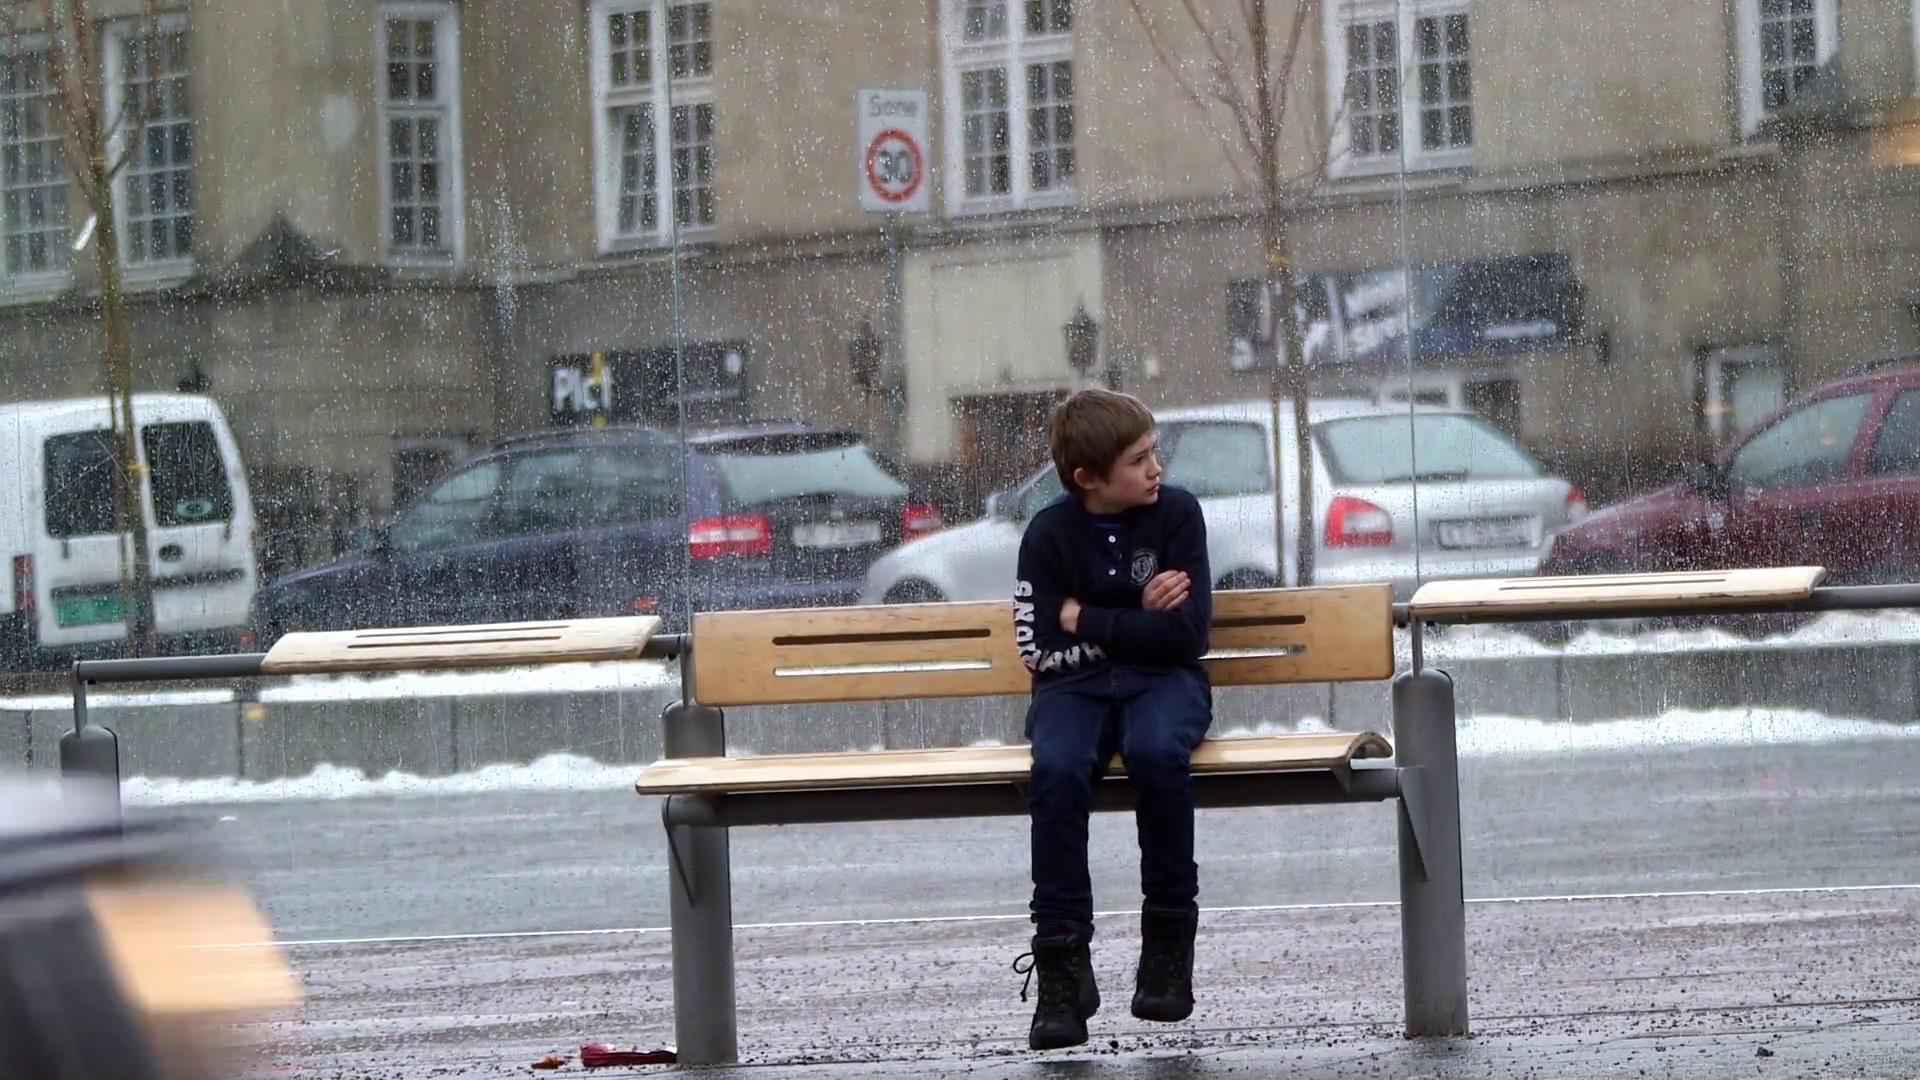 В Воронеже распространяют информацию о банде с ребёнком в составе